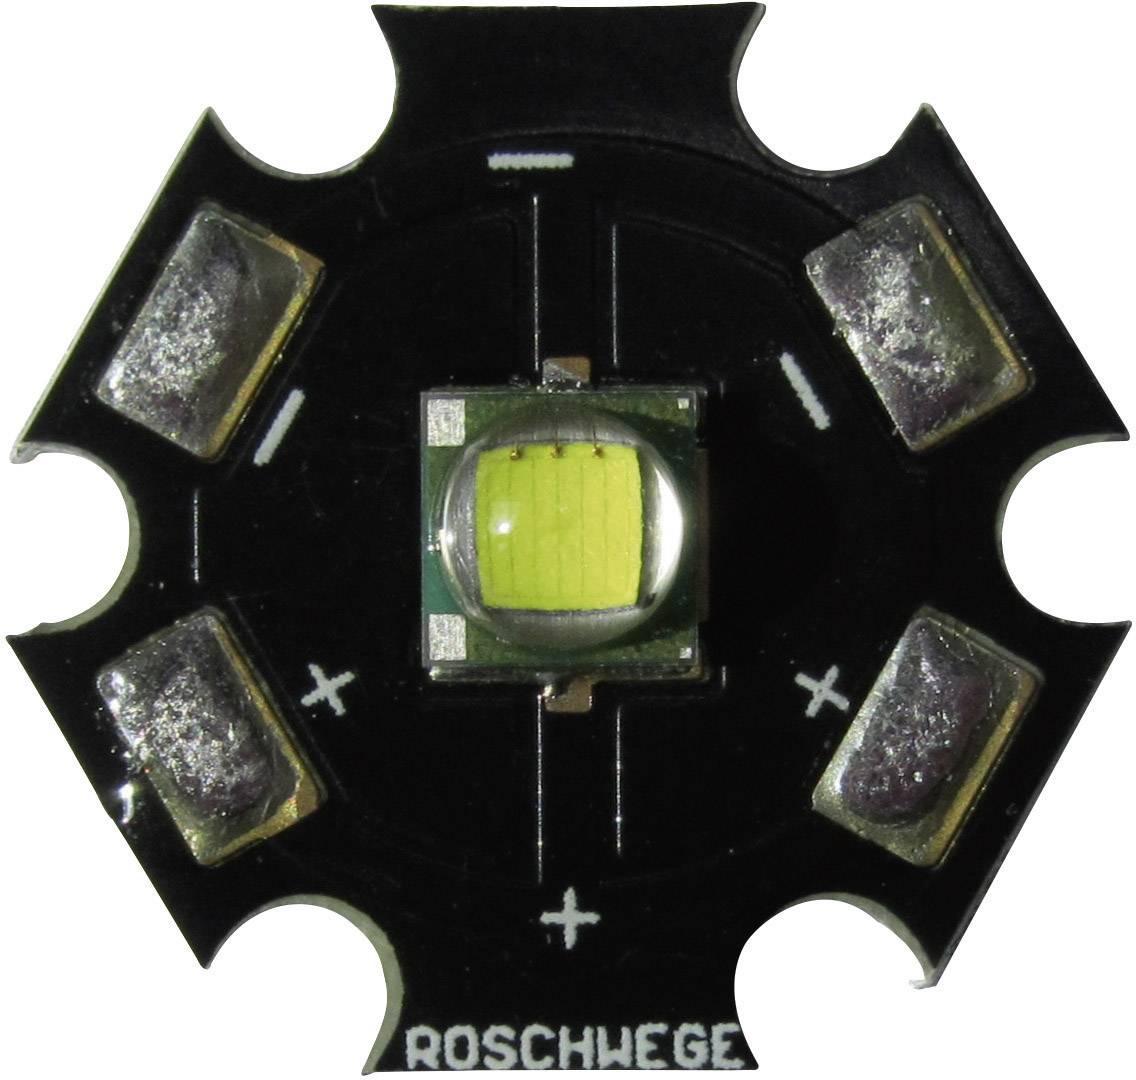 HighPower LED Roschwege 10 W, 280 lm, 3.1 V, 1500 mA, chladná biela